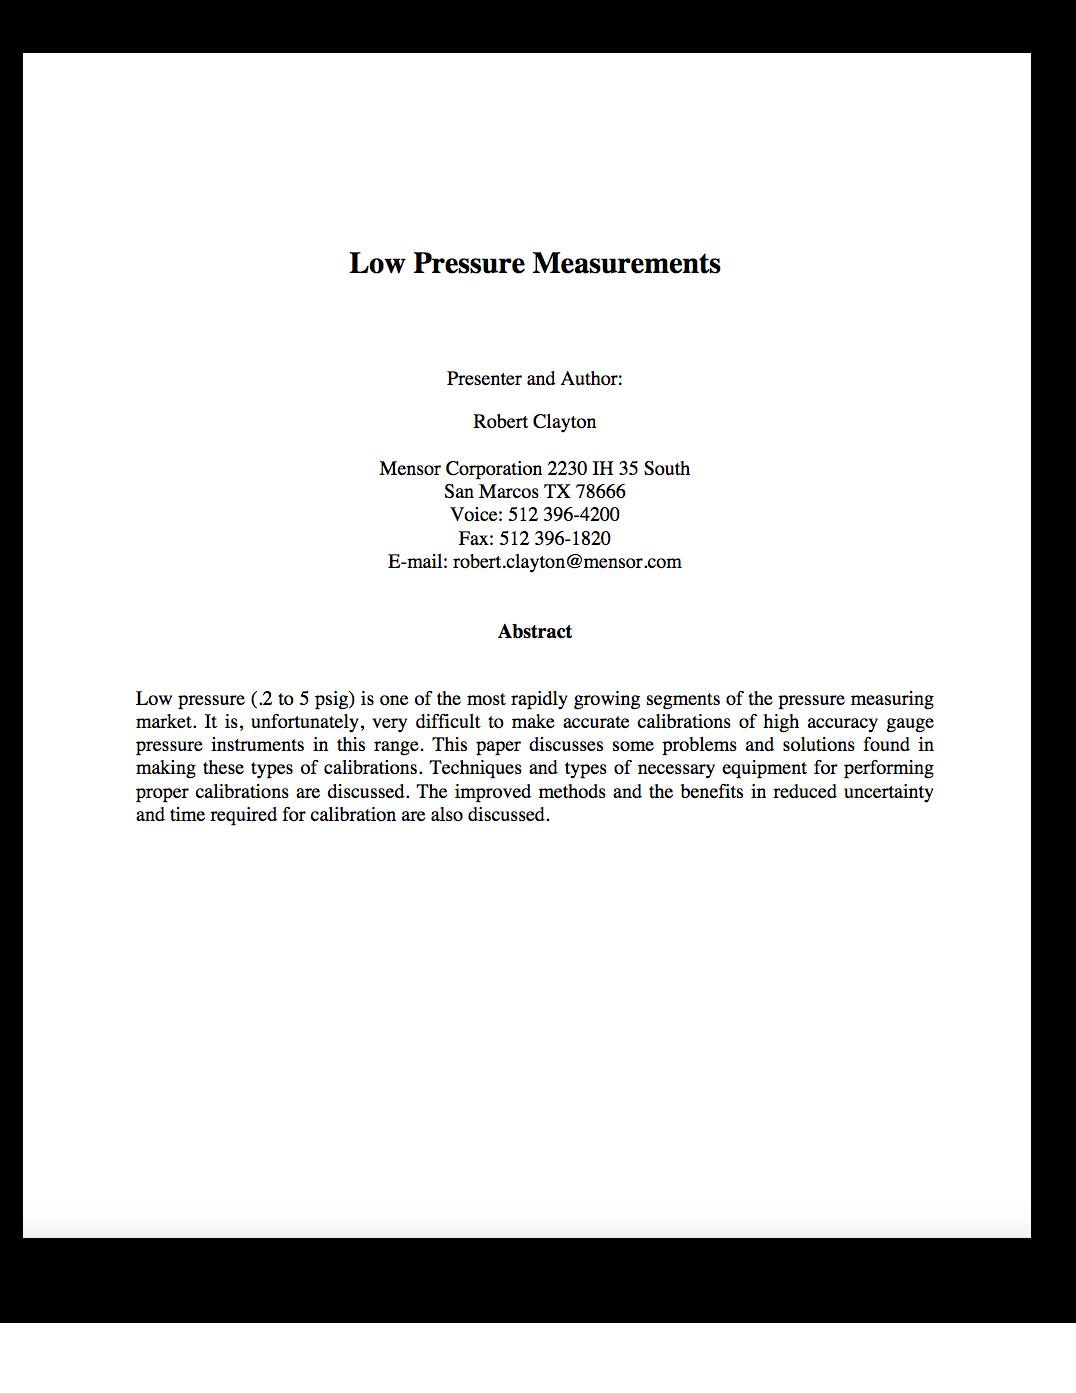 Low_Pressure_Paper_Image.png